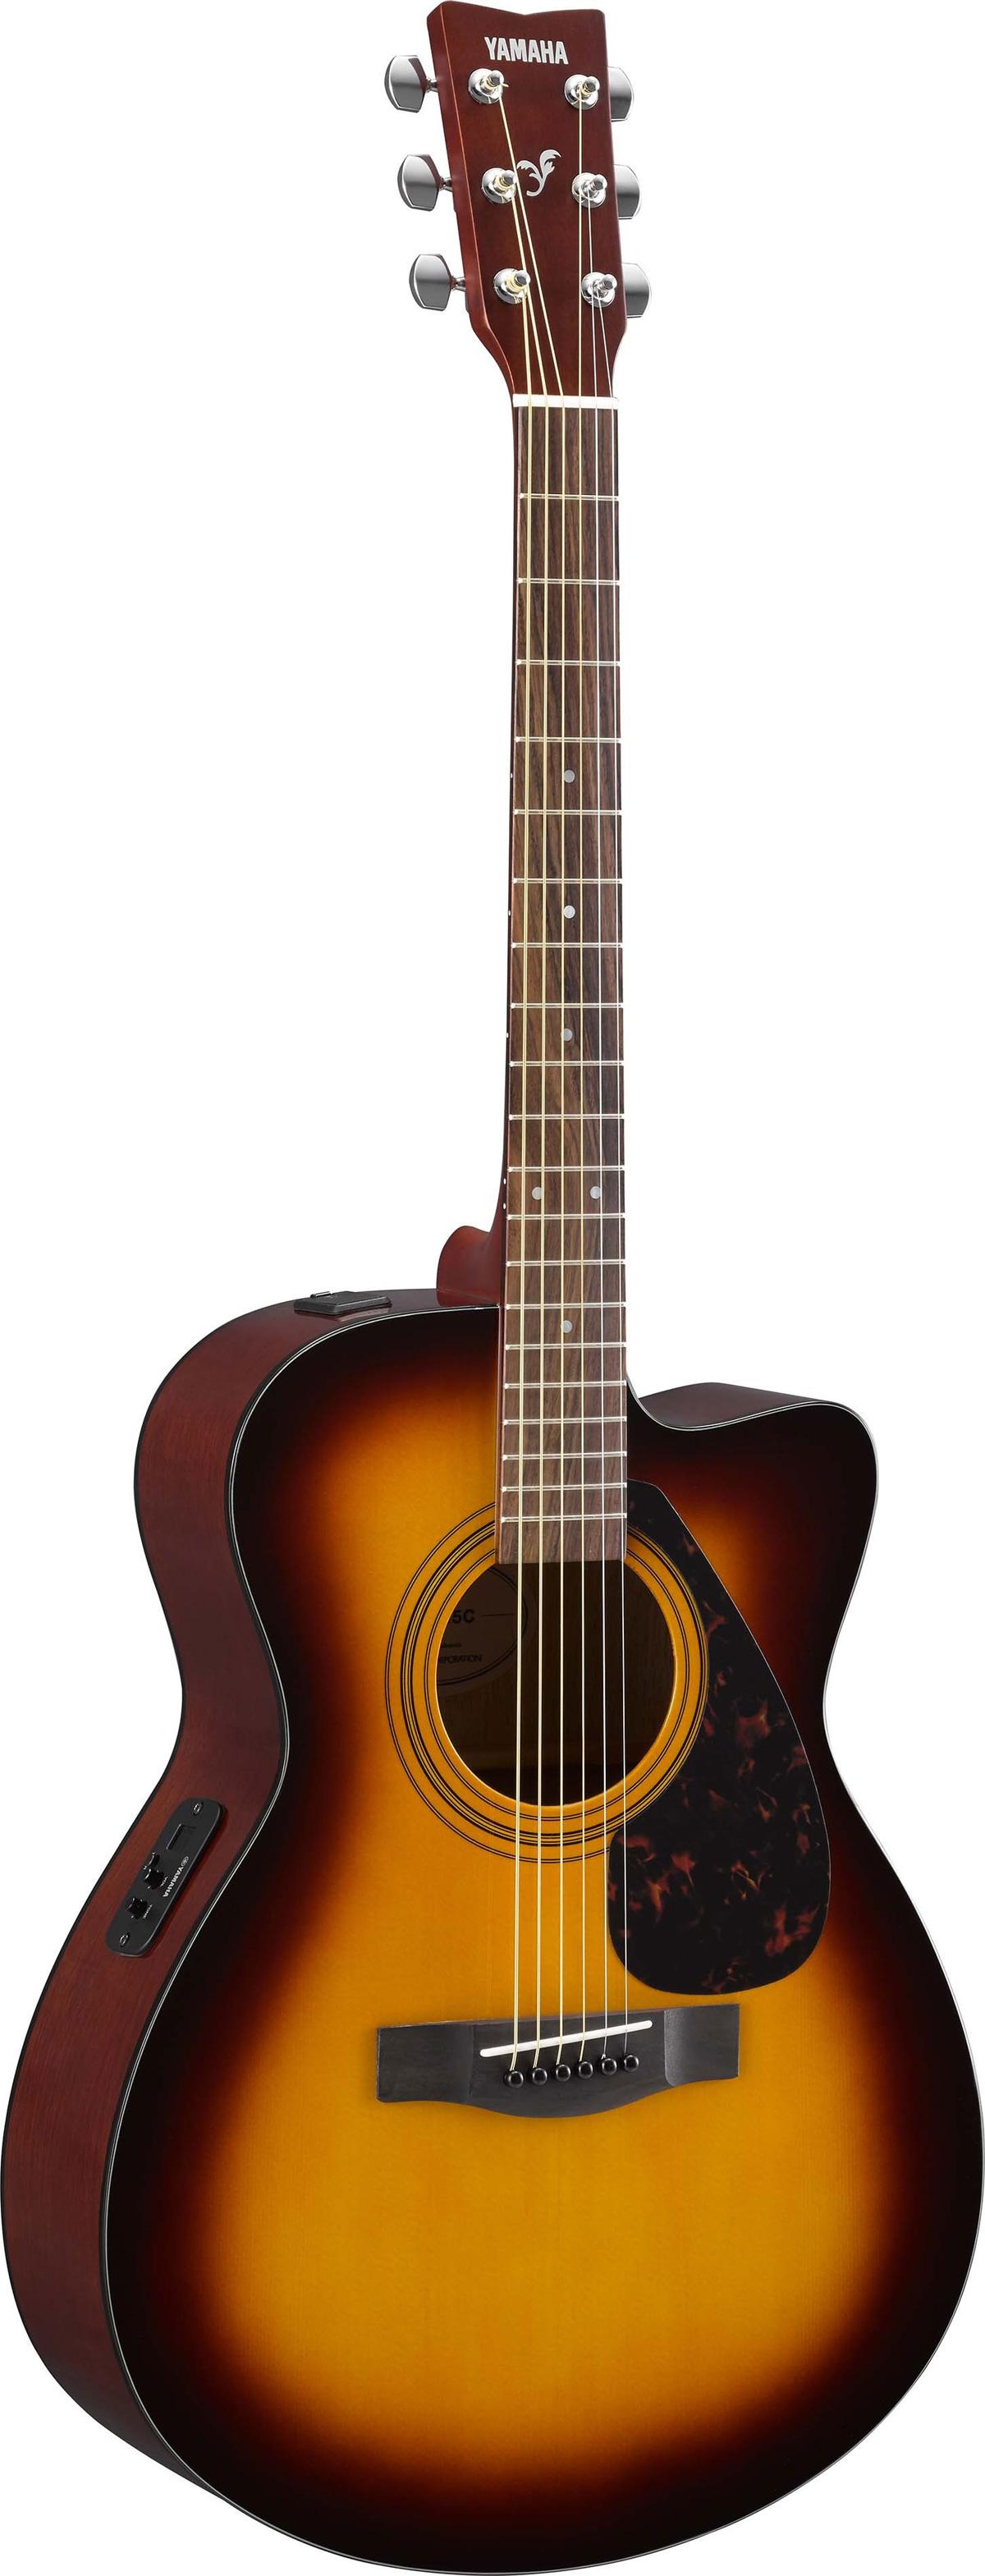 Yamaha fsx315 sunburst for Yamaha guitar brands